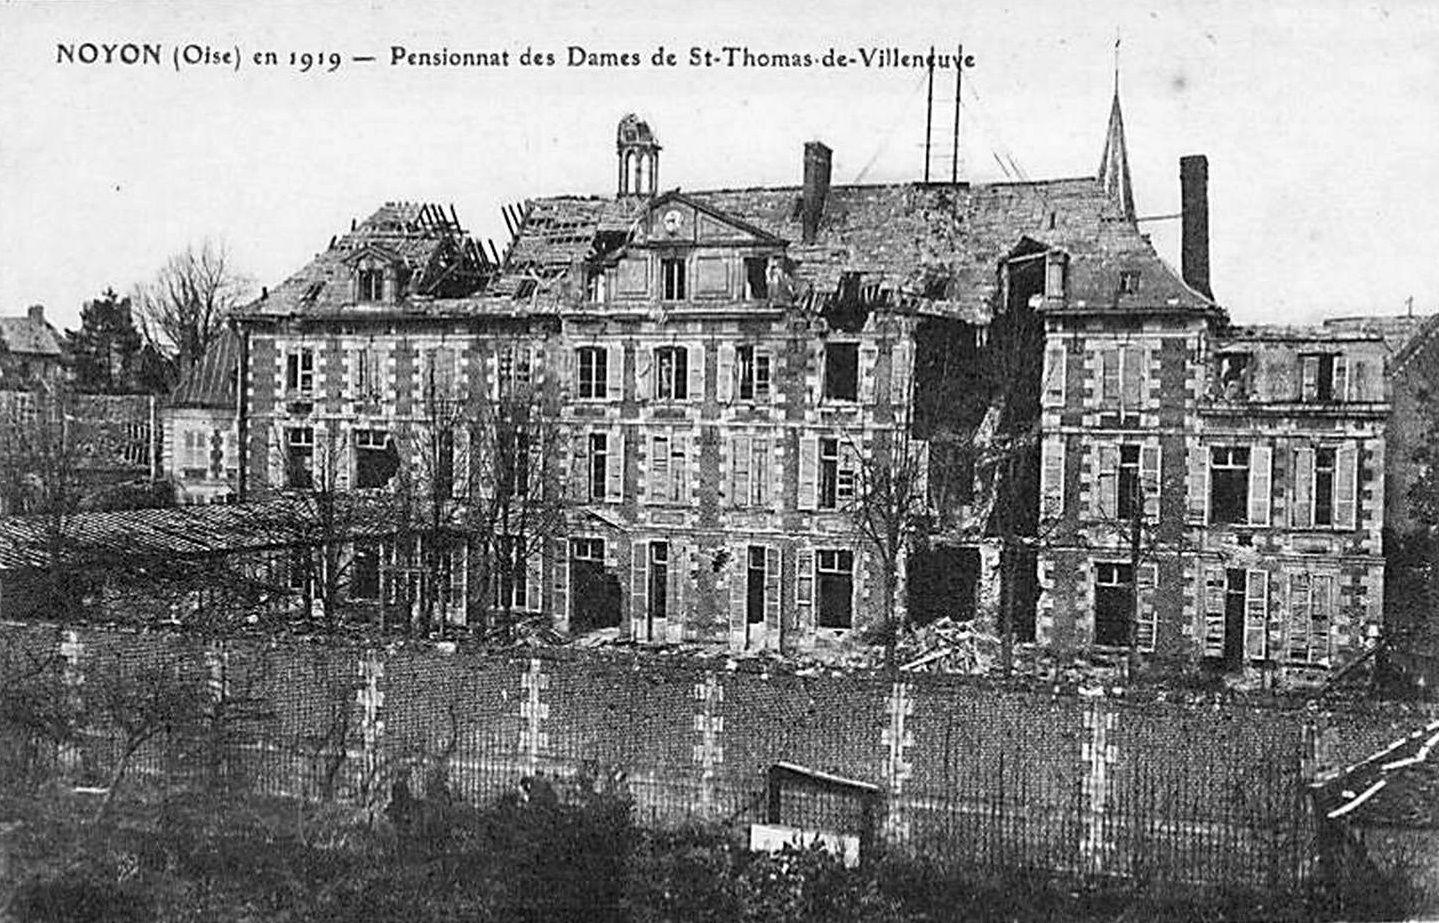 Album - la ville de Noyon (Oise), le pensionnat notre Dame